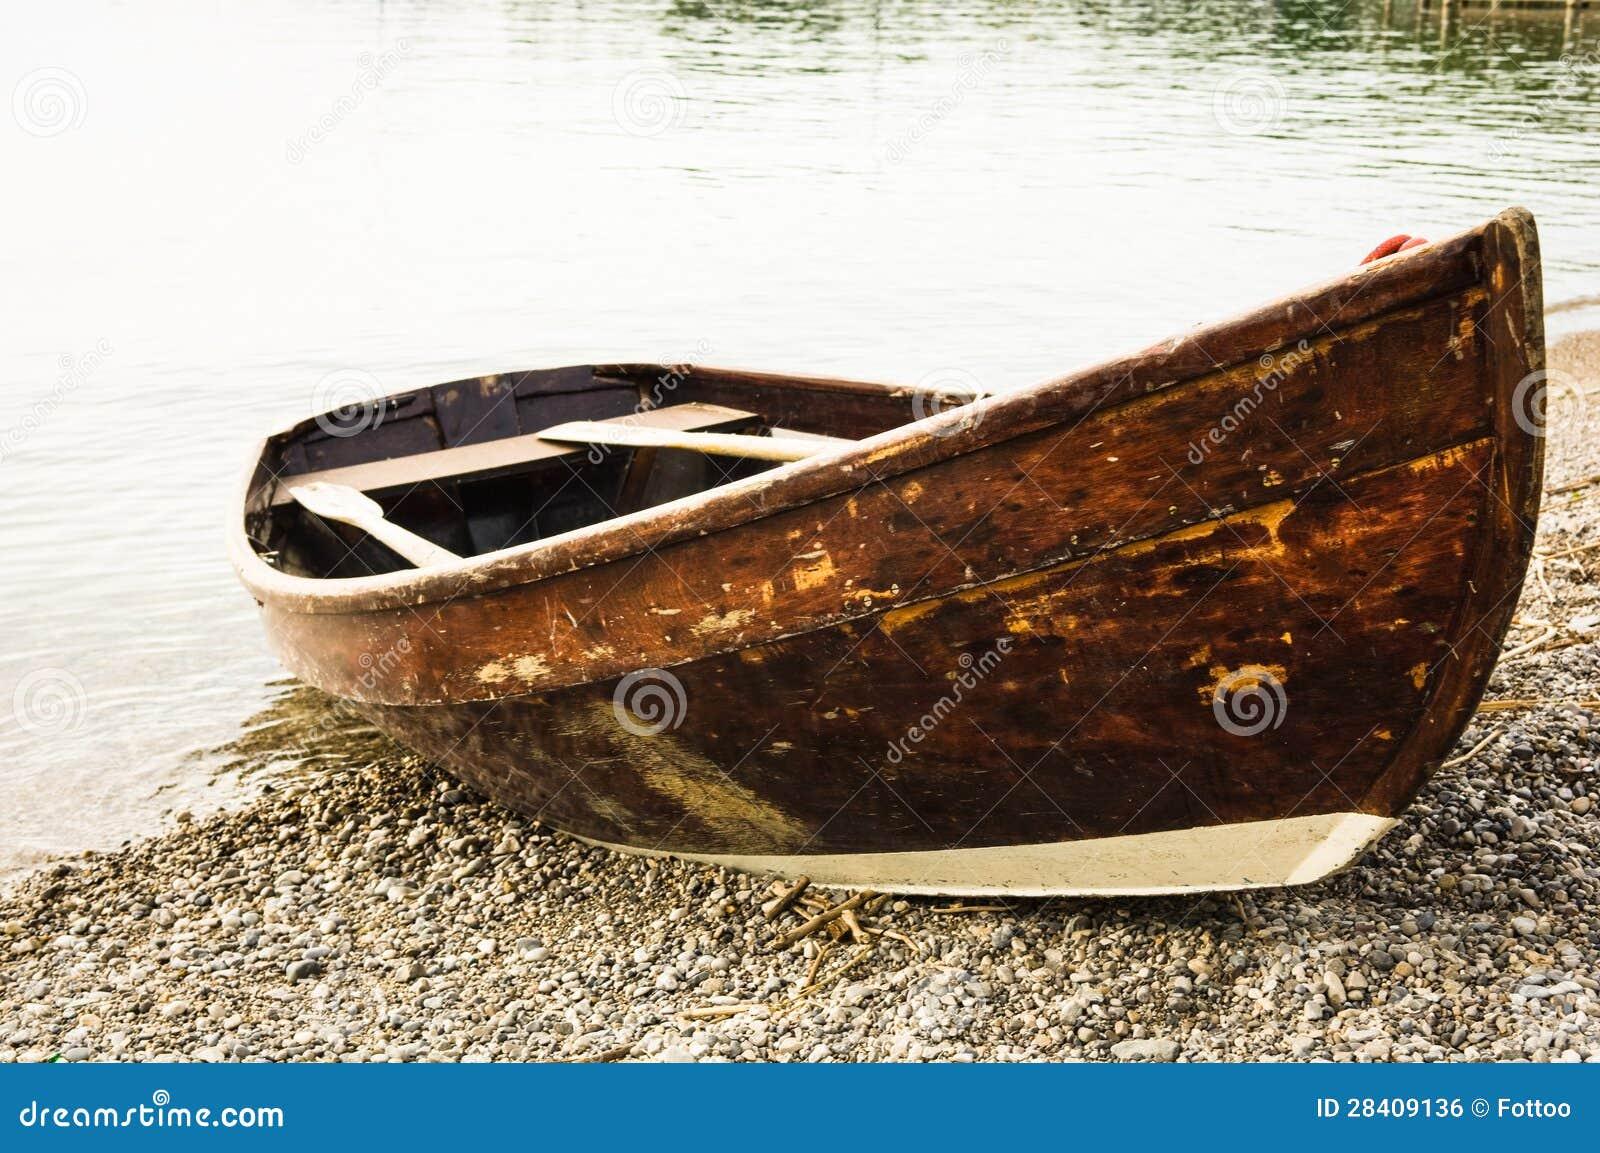 Old rowboat stock photo. Image of summer, fishing, monochrome - 28409136